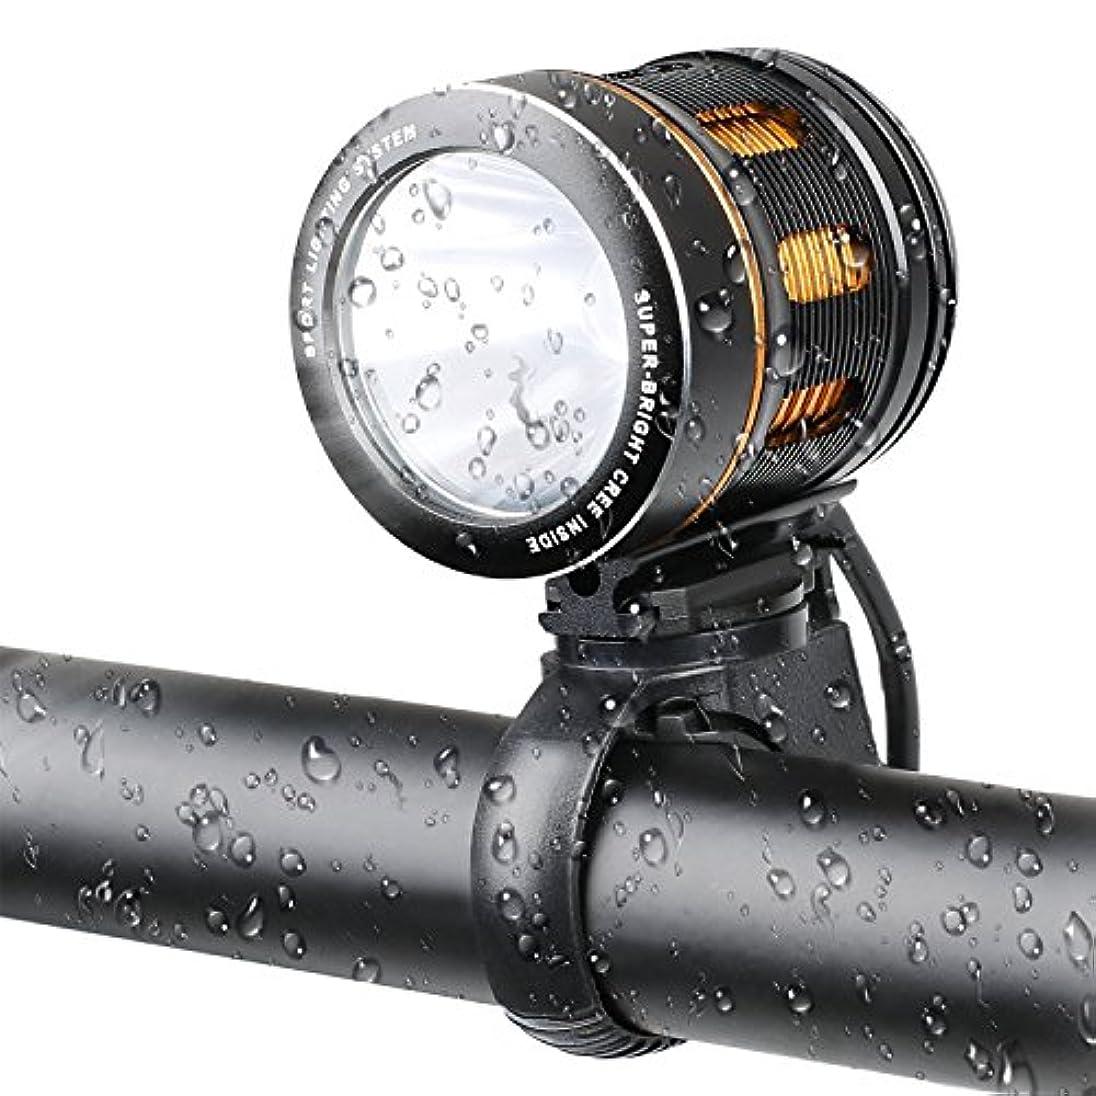 料理幻想的しなやかEcat 1000ルーメン懐中電灯、6モード、自転車ライトクリーXM-L T6 LEDヘッドランプサイクリング自転車ライト防水ヘッドライトキャンプ用釣りライト(内蔵バッテリなし)